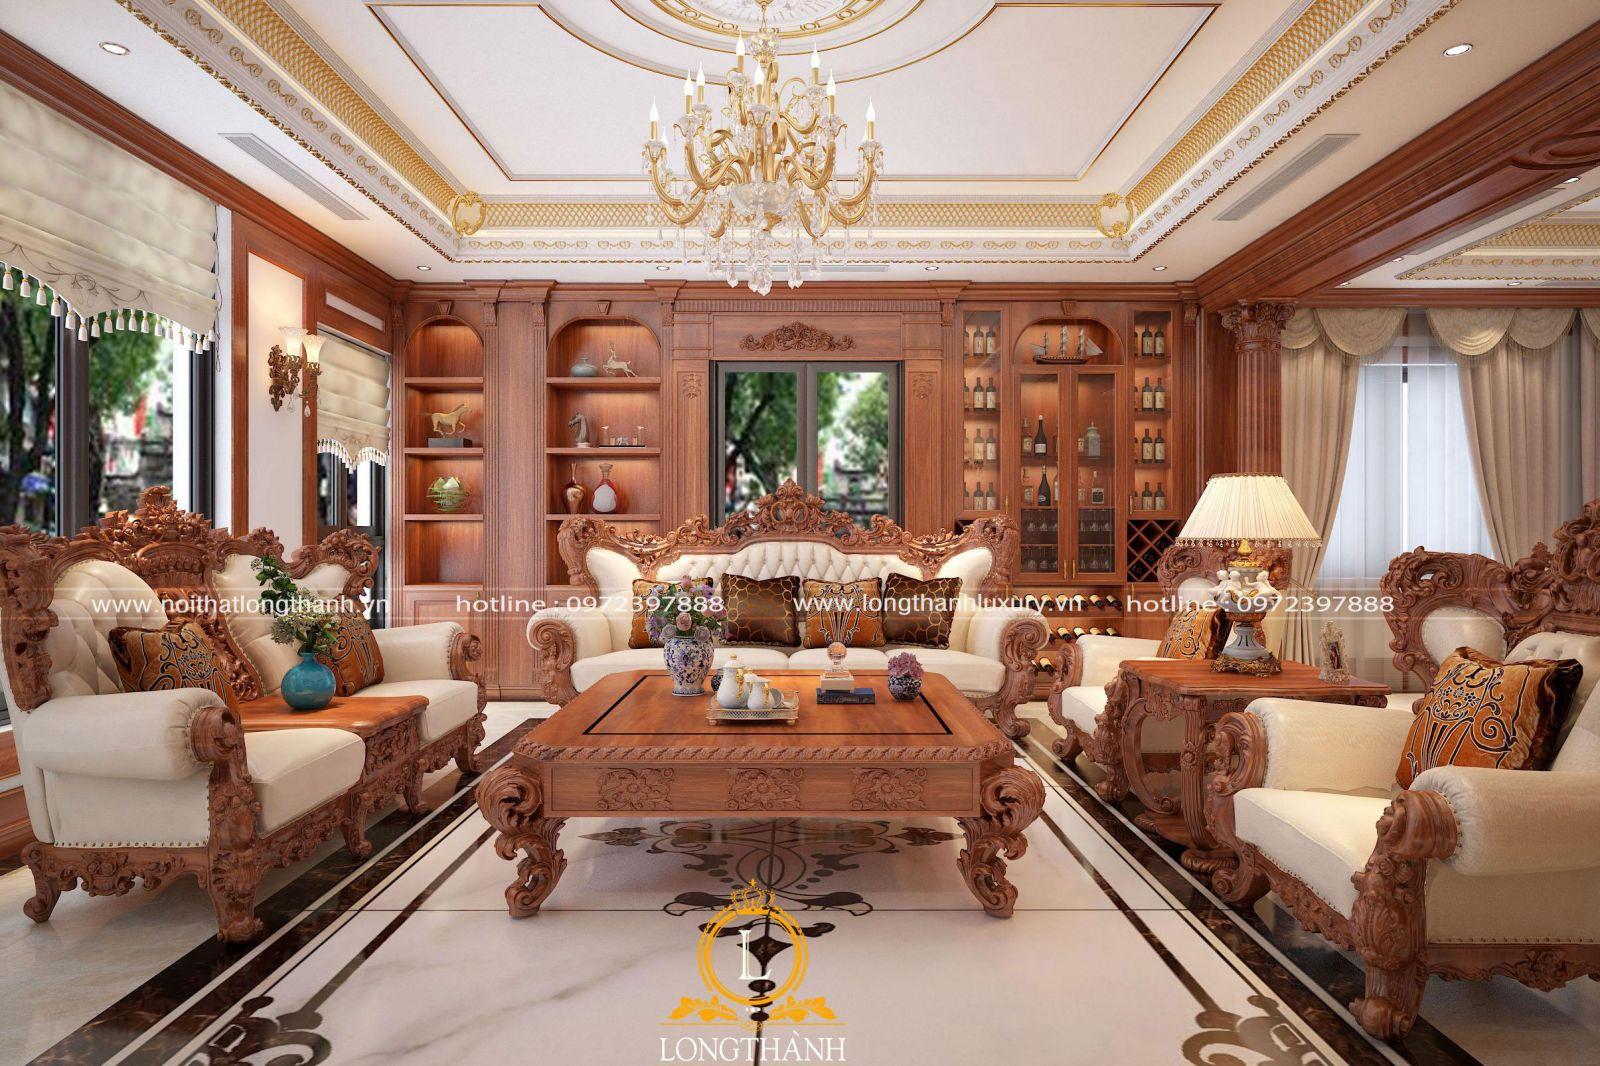 Tủ trang trí và tủ rượu phòng khách